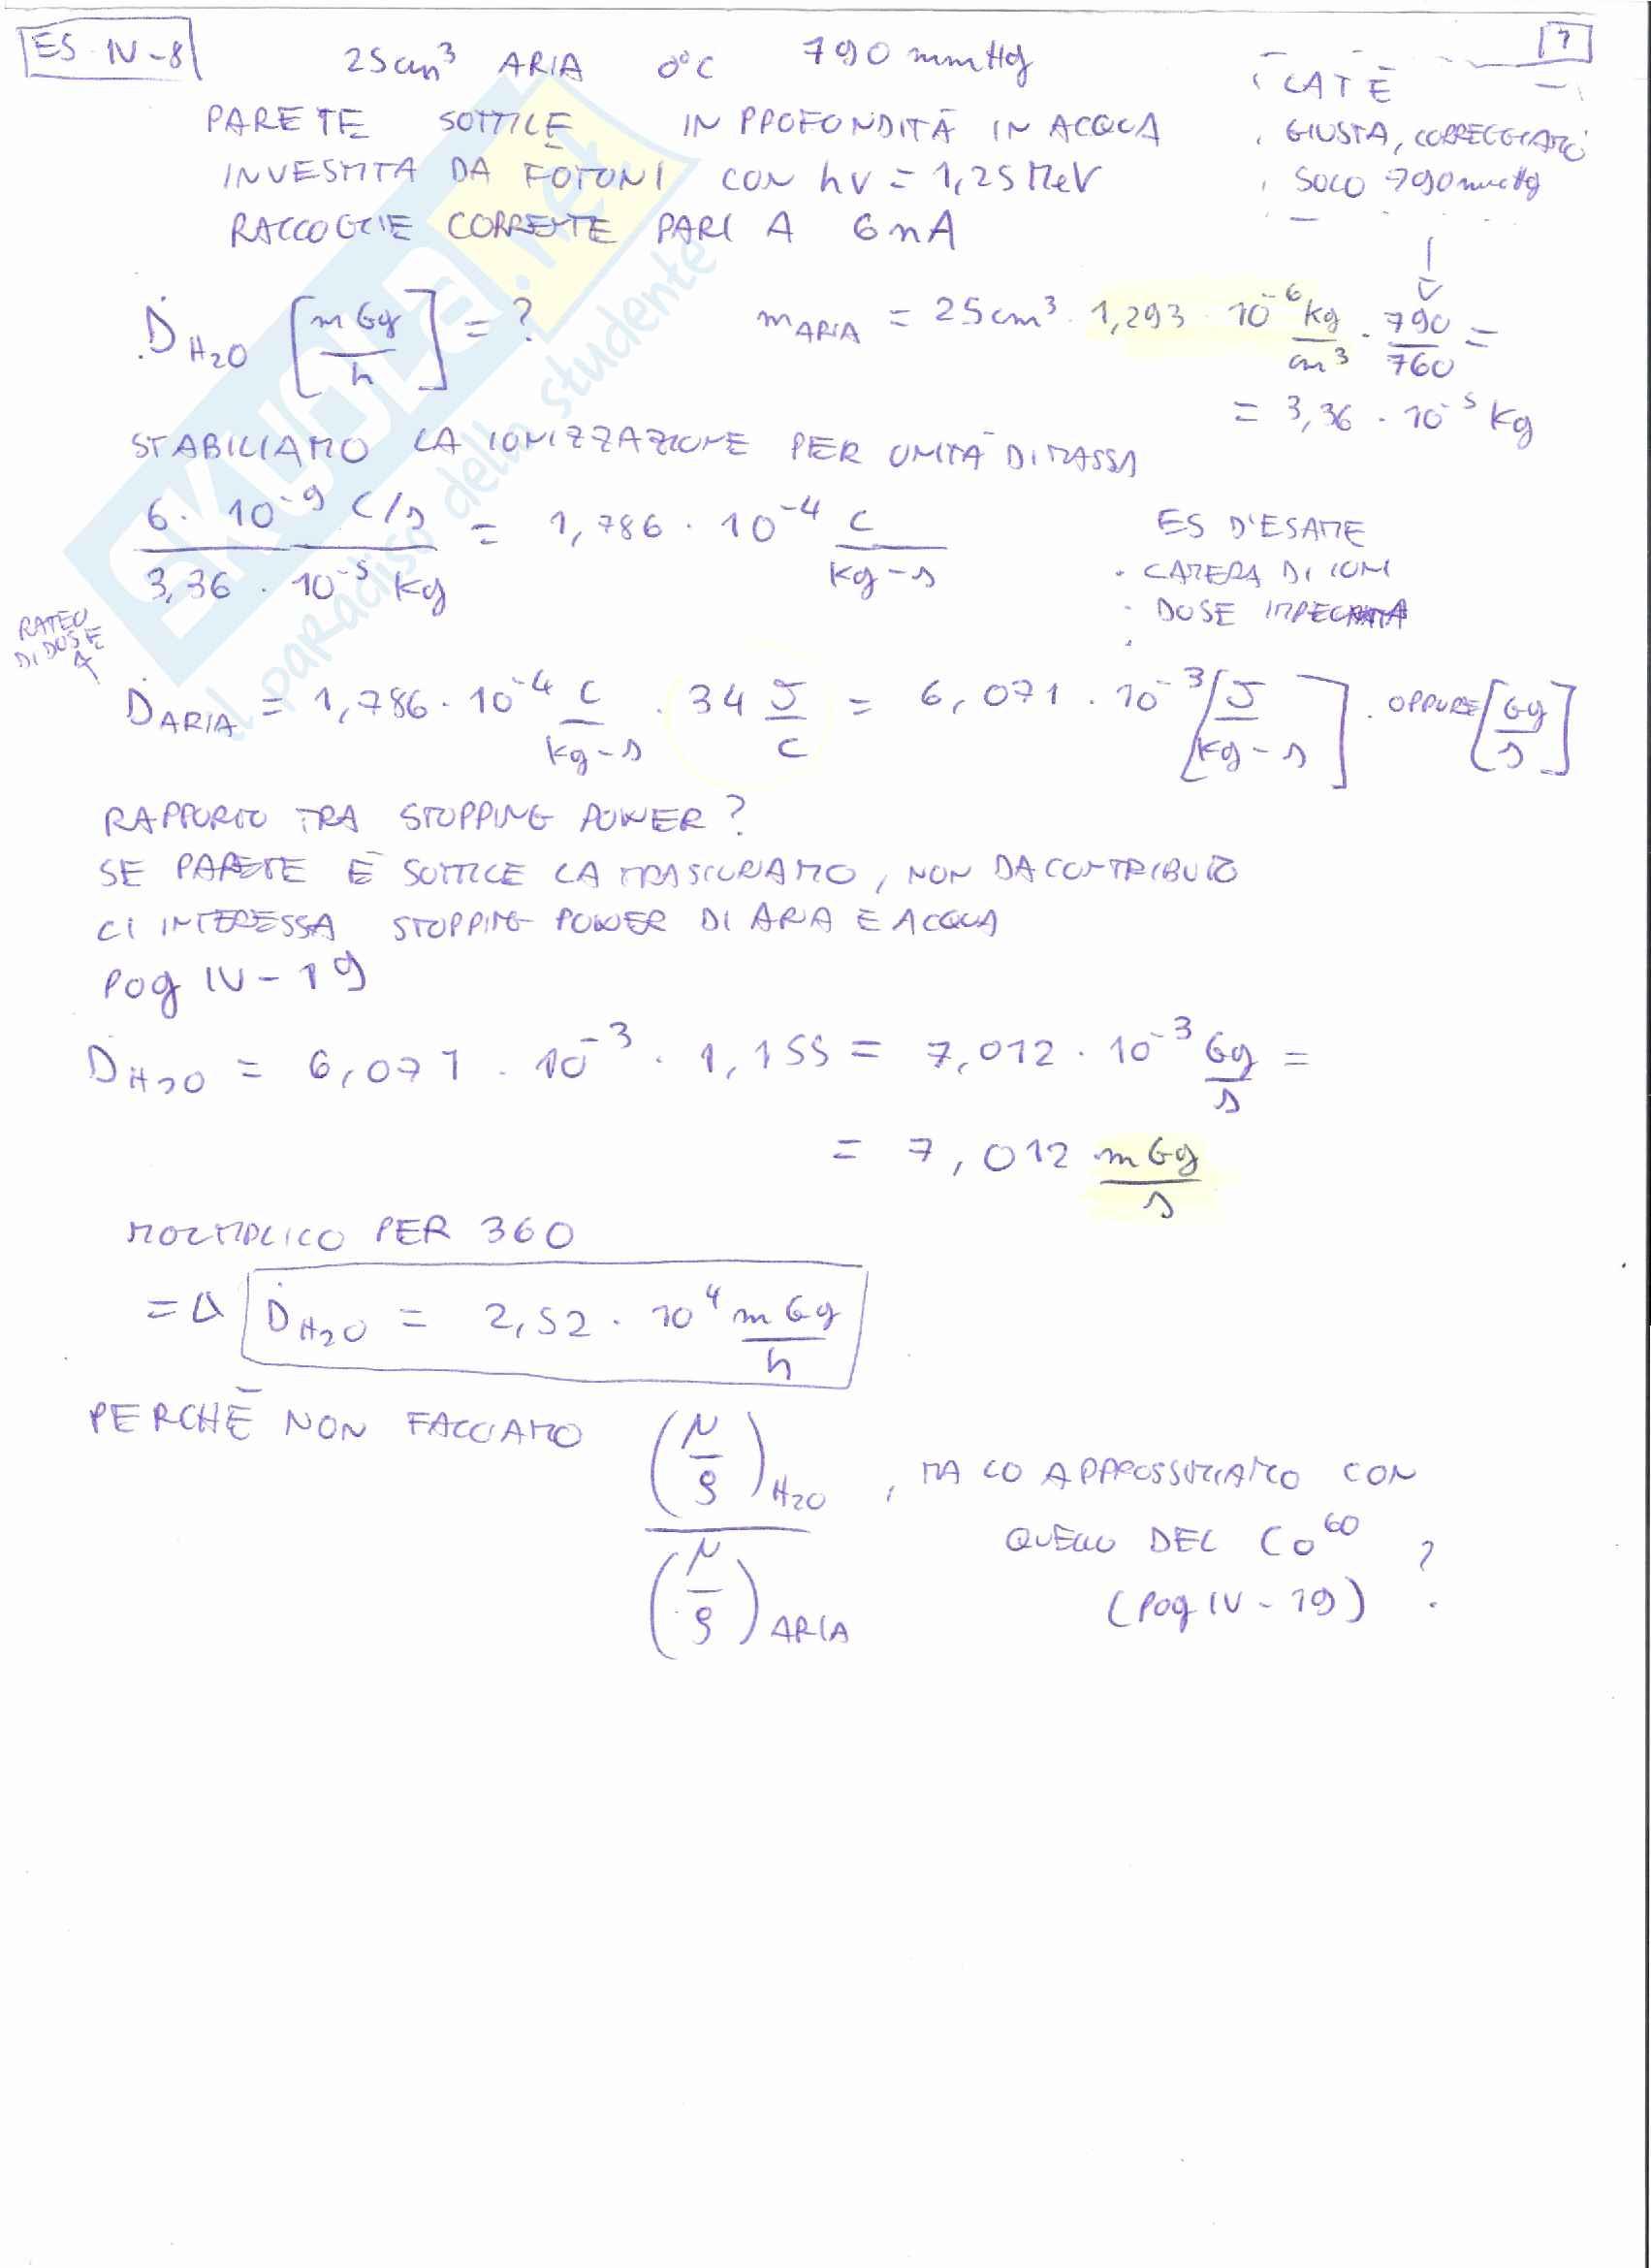 Appunti e Simulazioni d'esame di Radioprotezione T Pag. 51